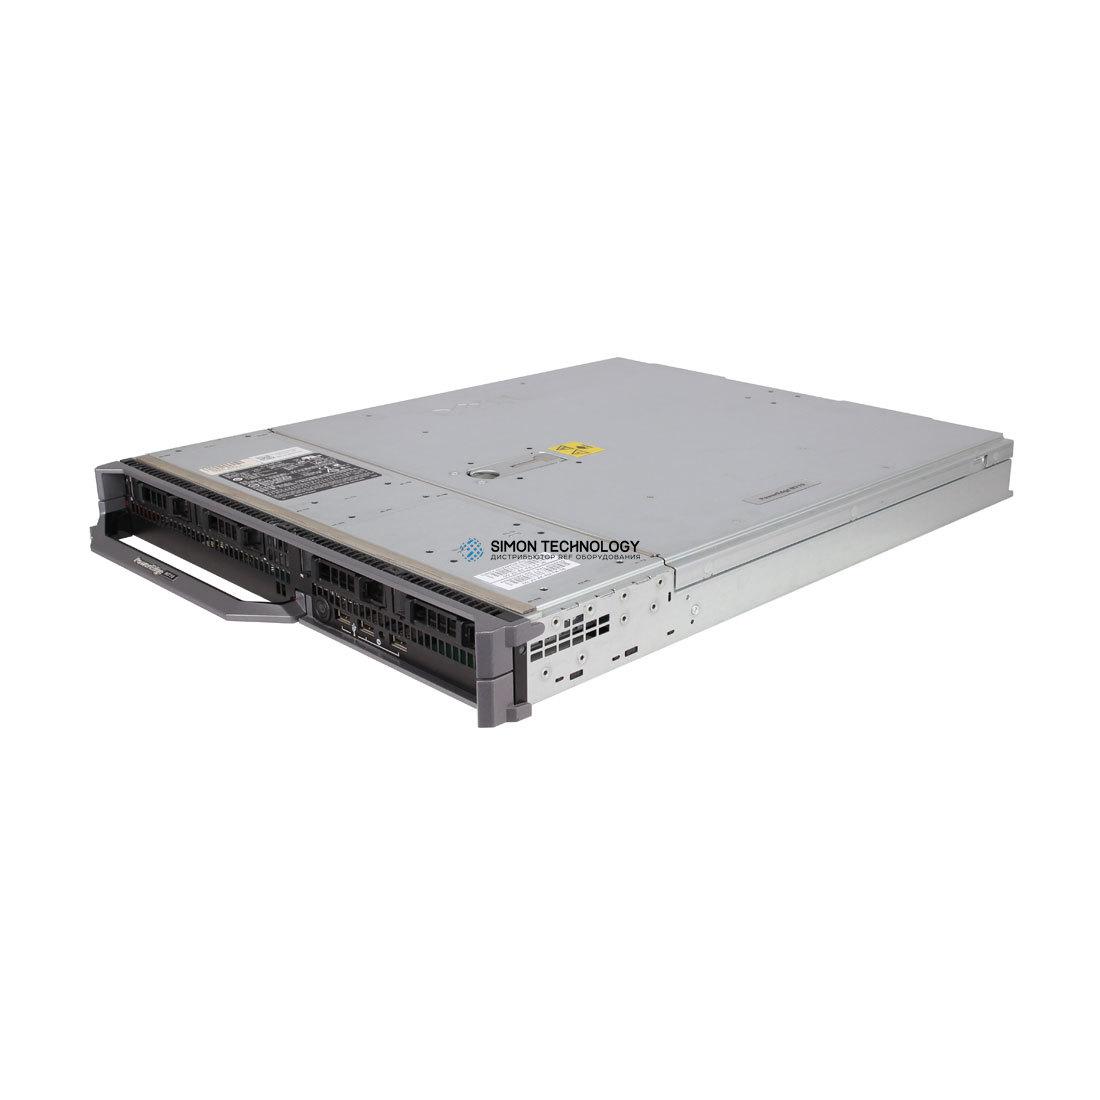 Сервер Dell PEM710 X5650 2P 32GB H700 512MB BBWC (M710-X5650)